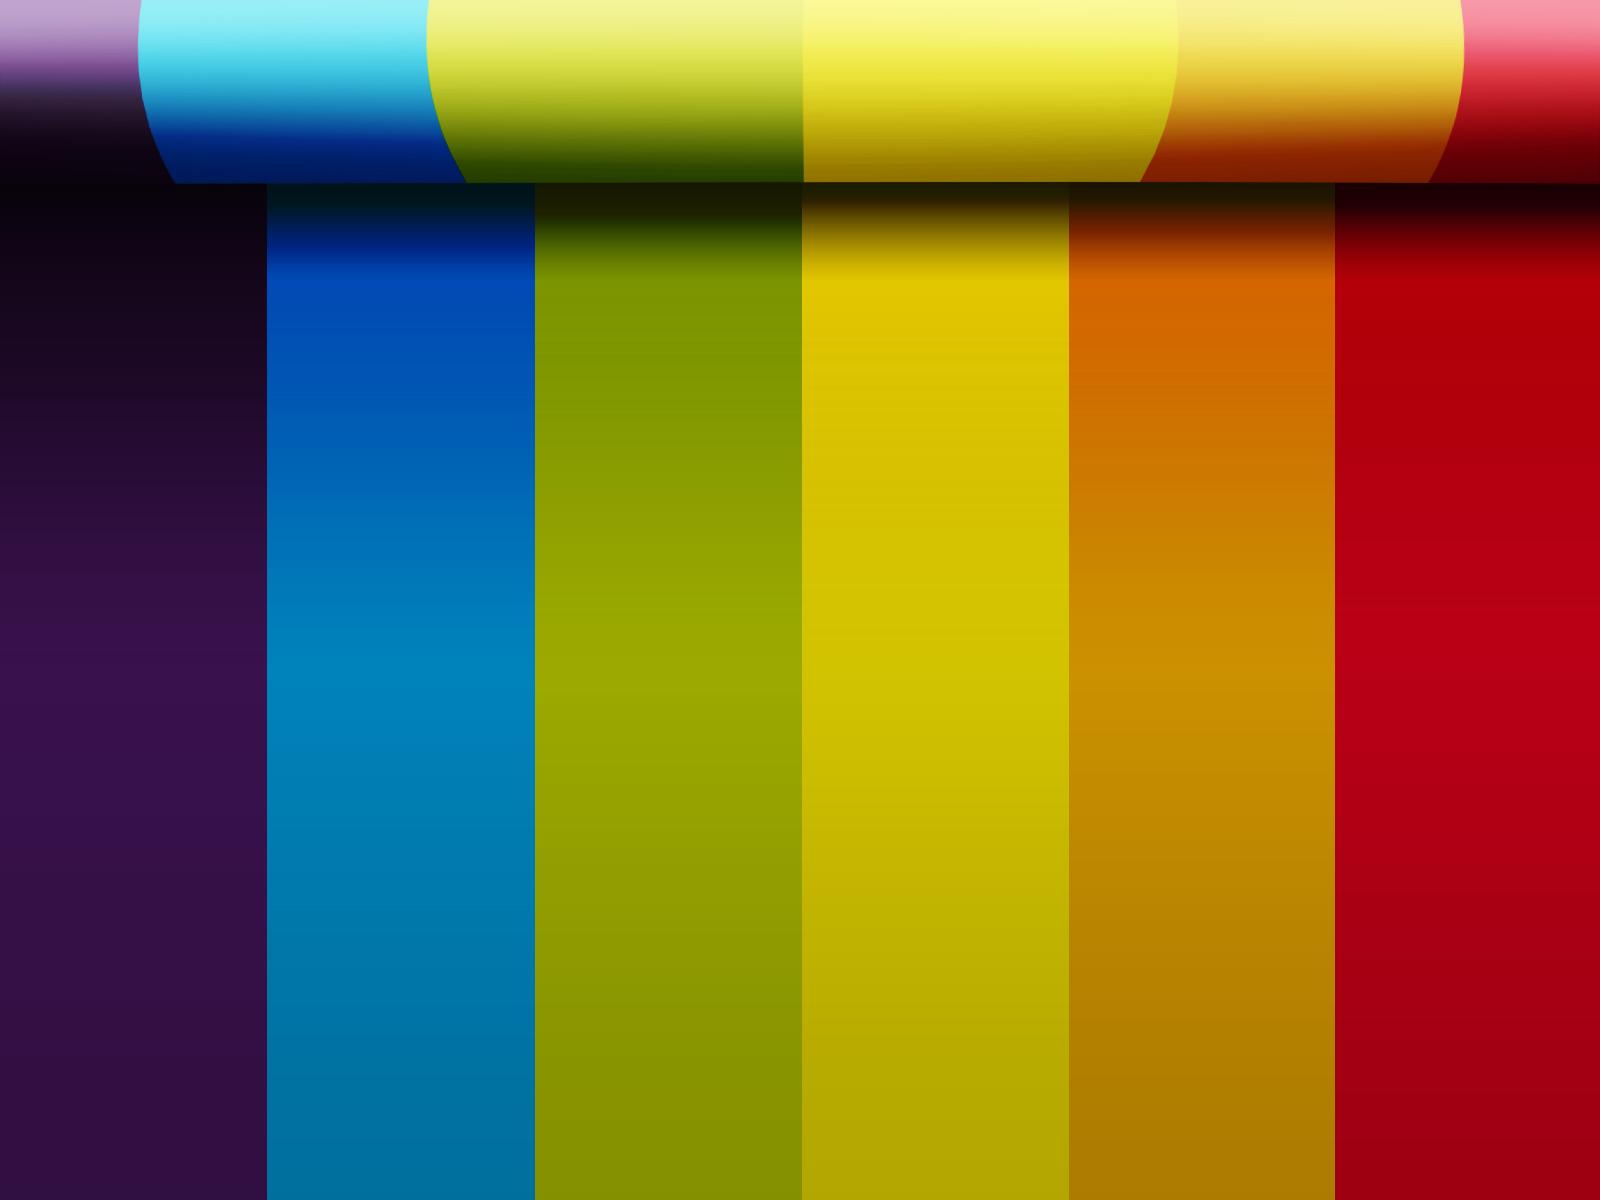 rainbow desktop wallpaper